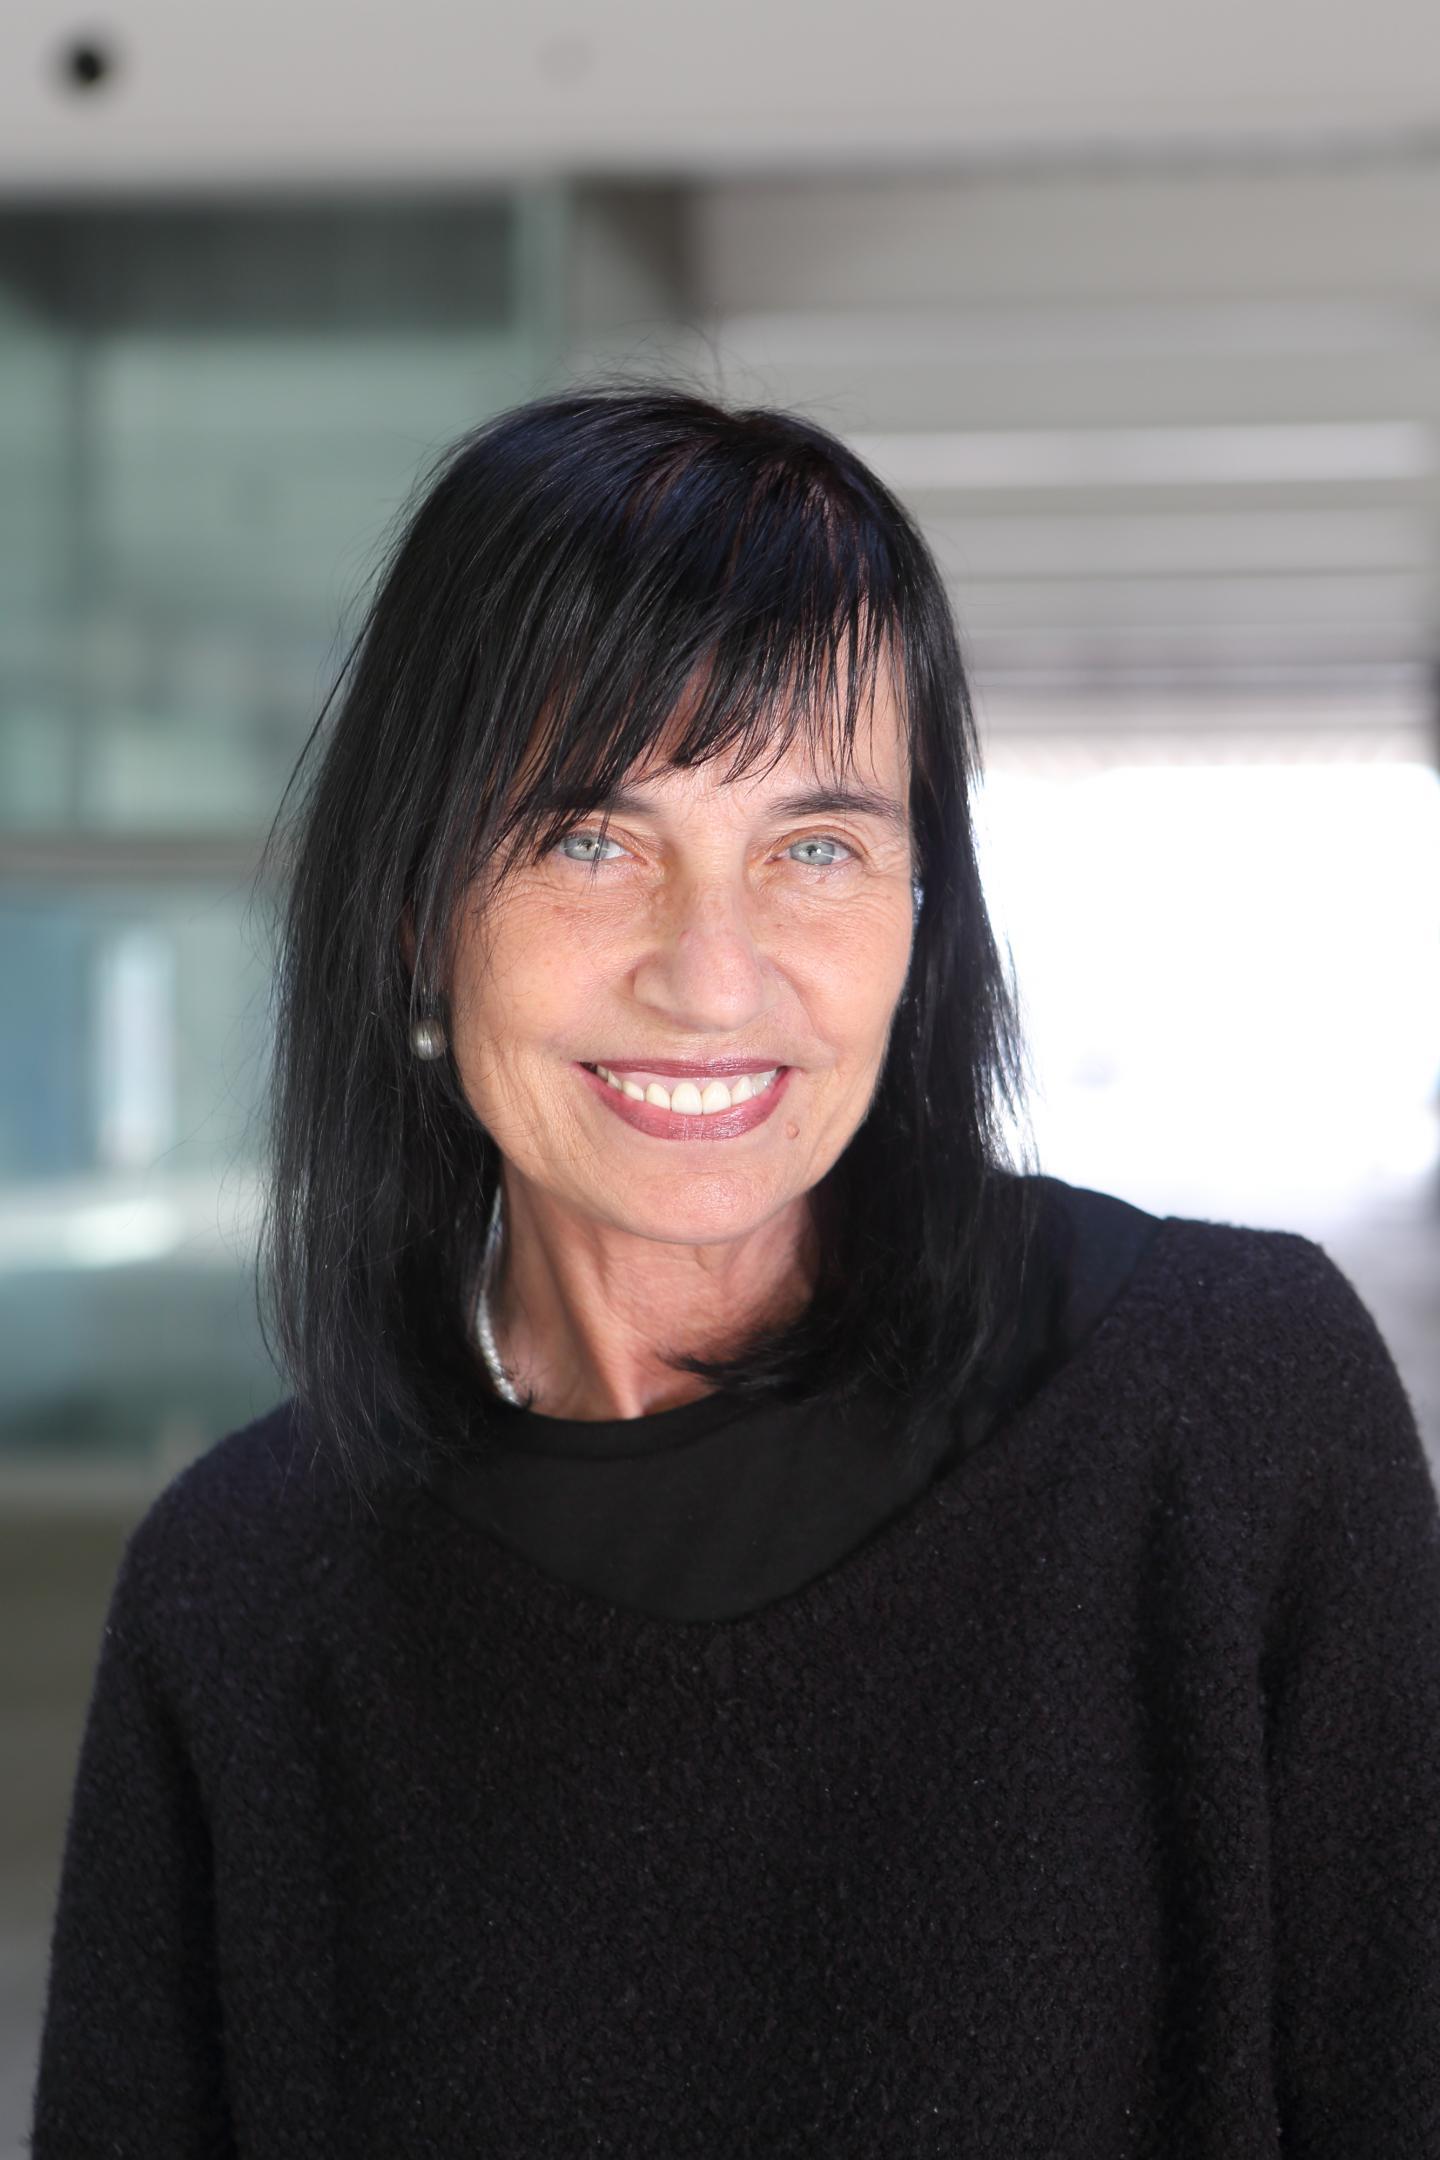 Mara Dierssen, Center for Genomic Regulation